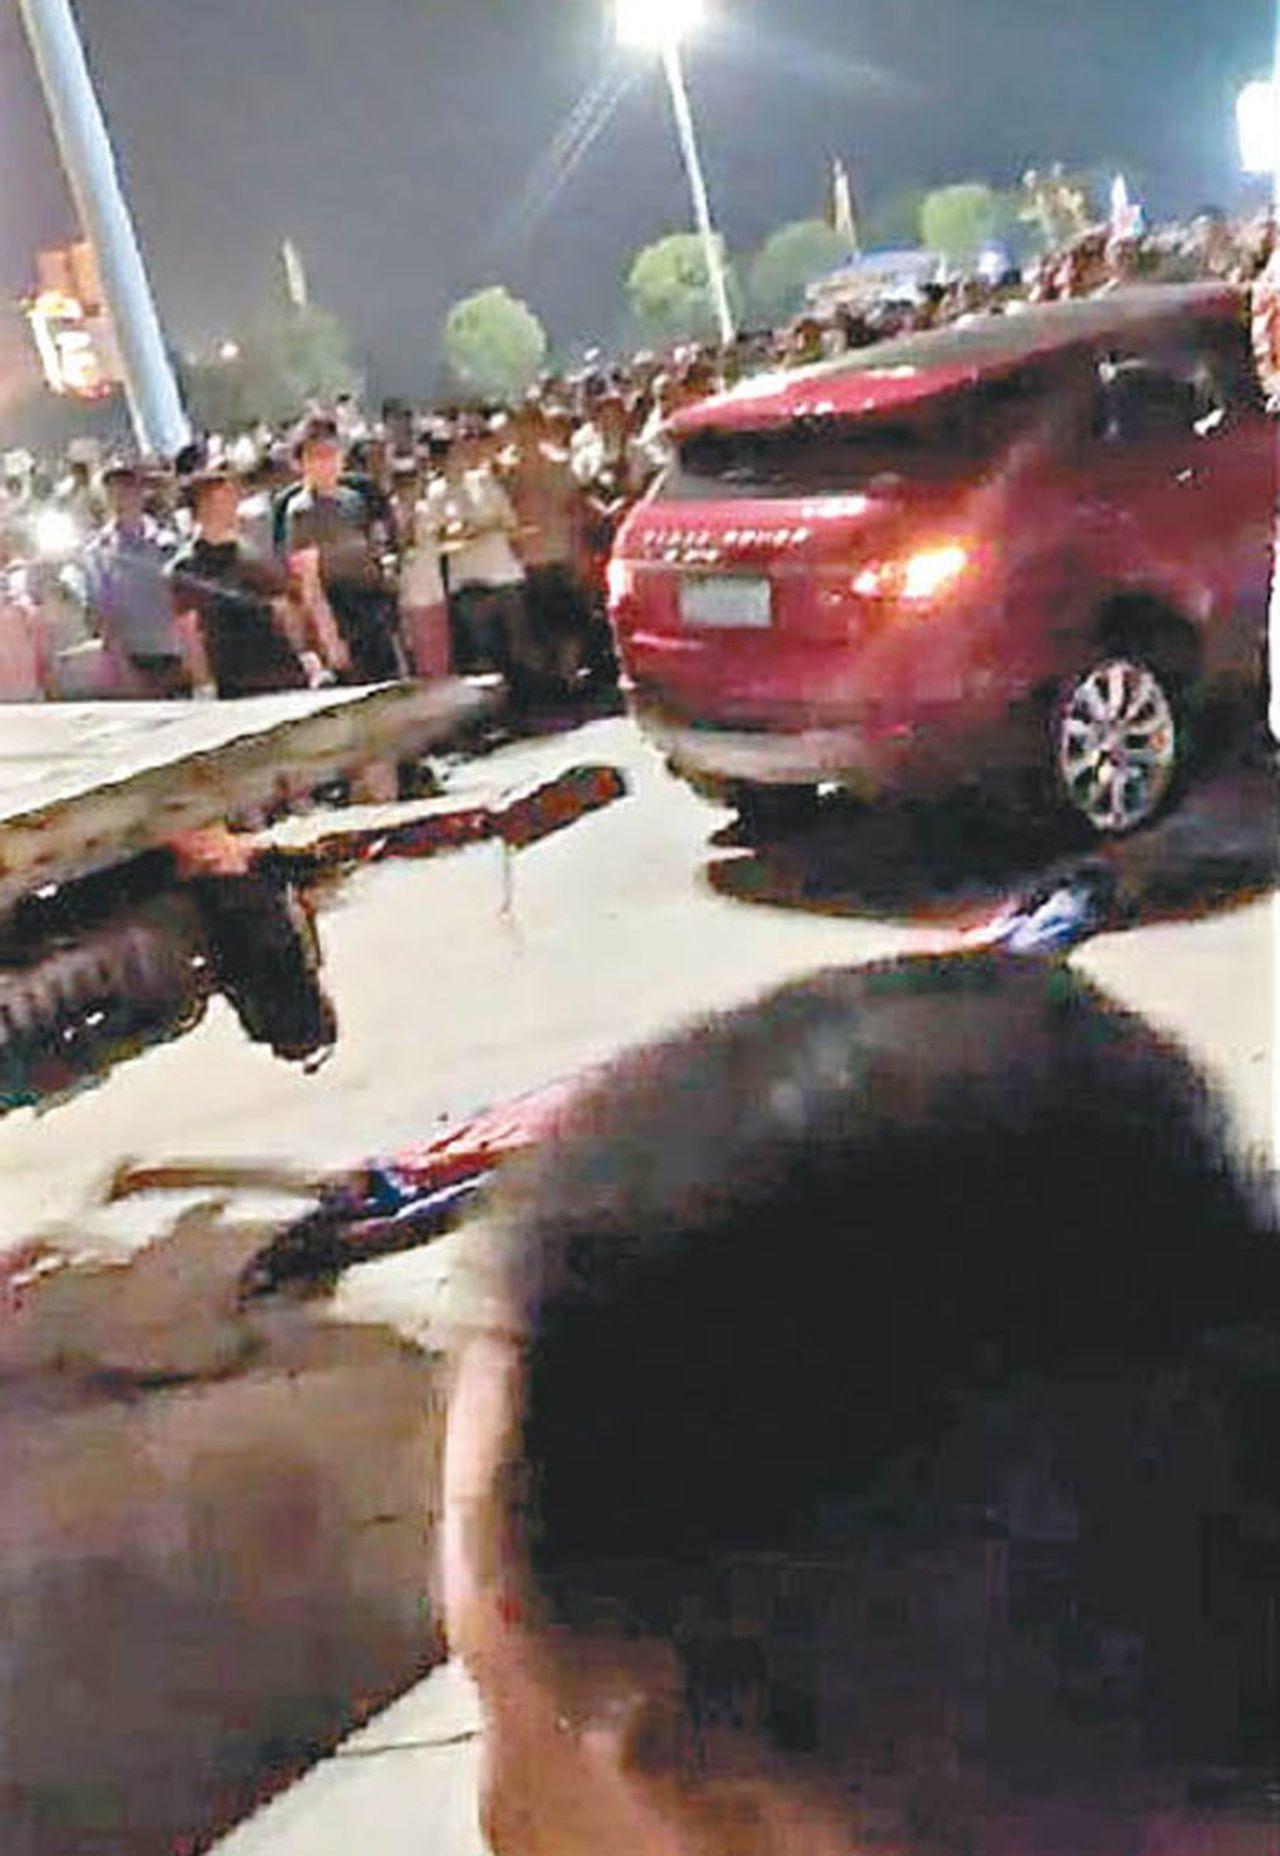 衡陽男子駕車,衝撞追斬釀9死46傷。圖/擷自新京報